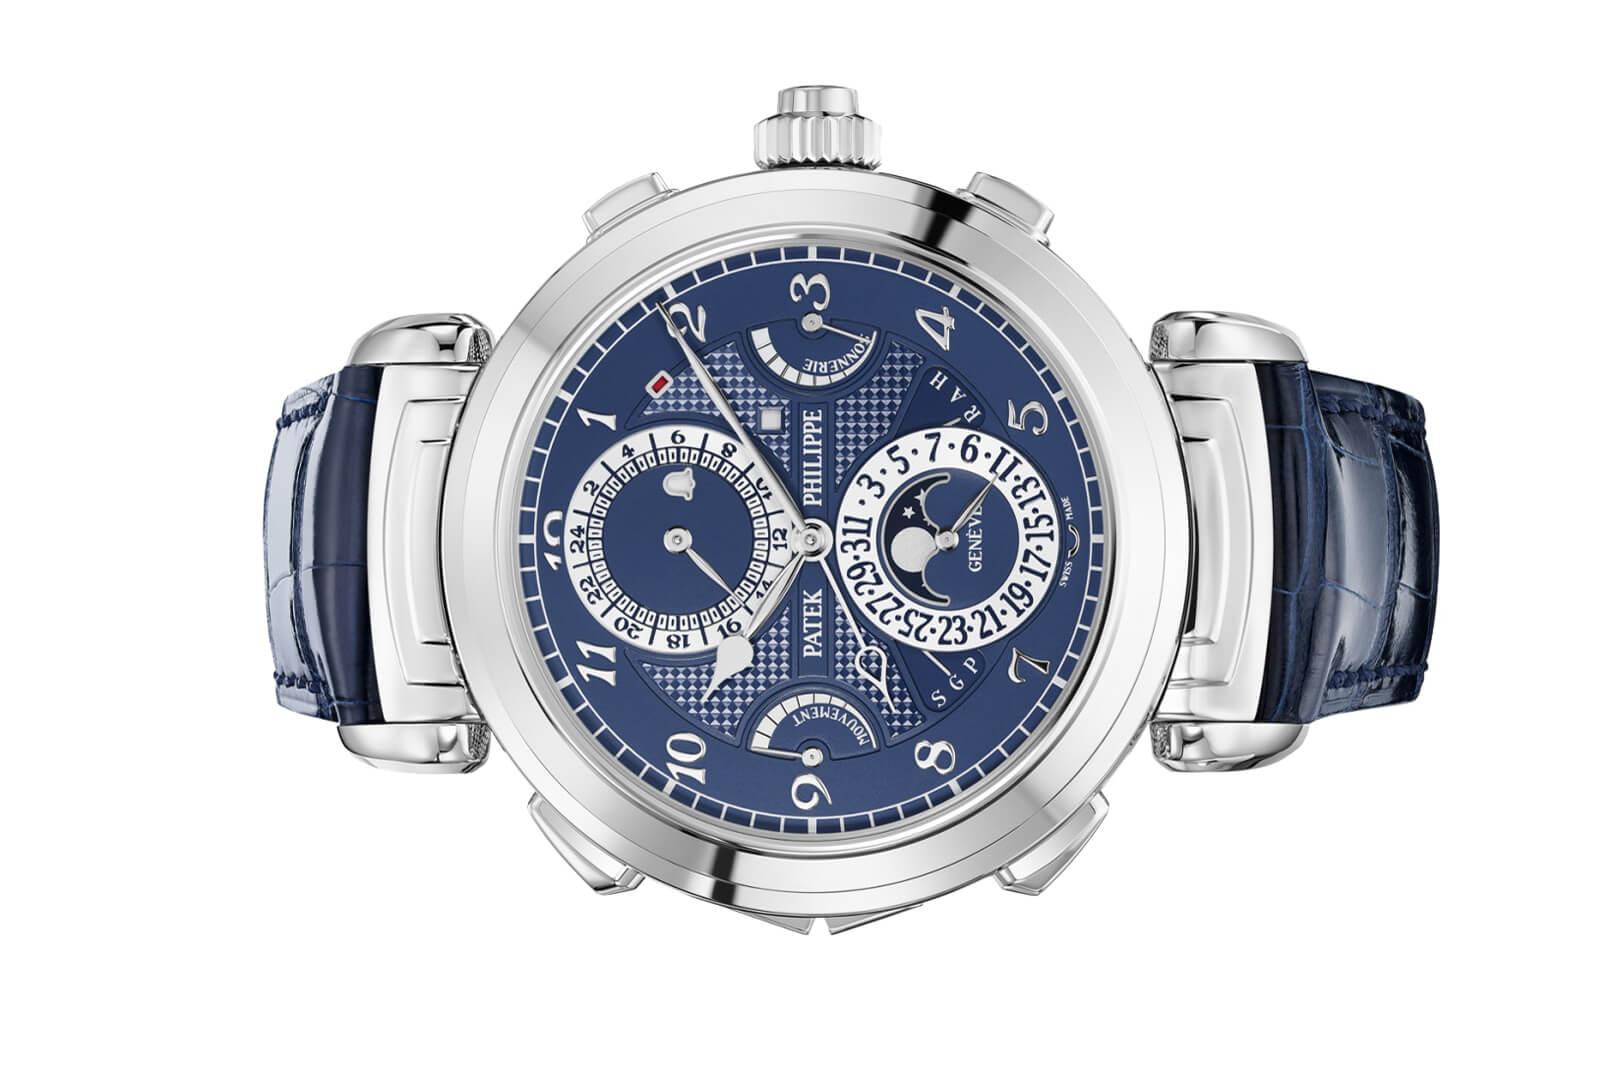 Đồng hồ Patek Philippe có giá bao nhiêu trên thị trường